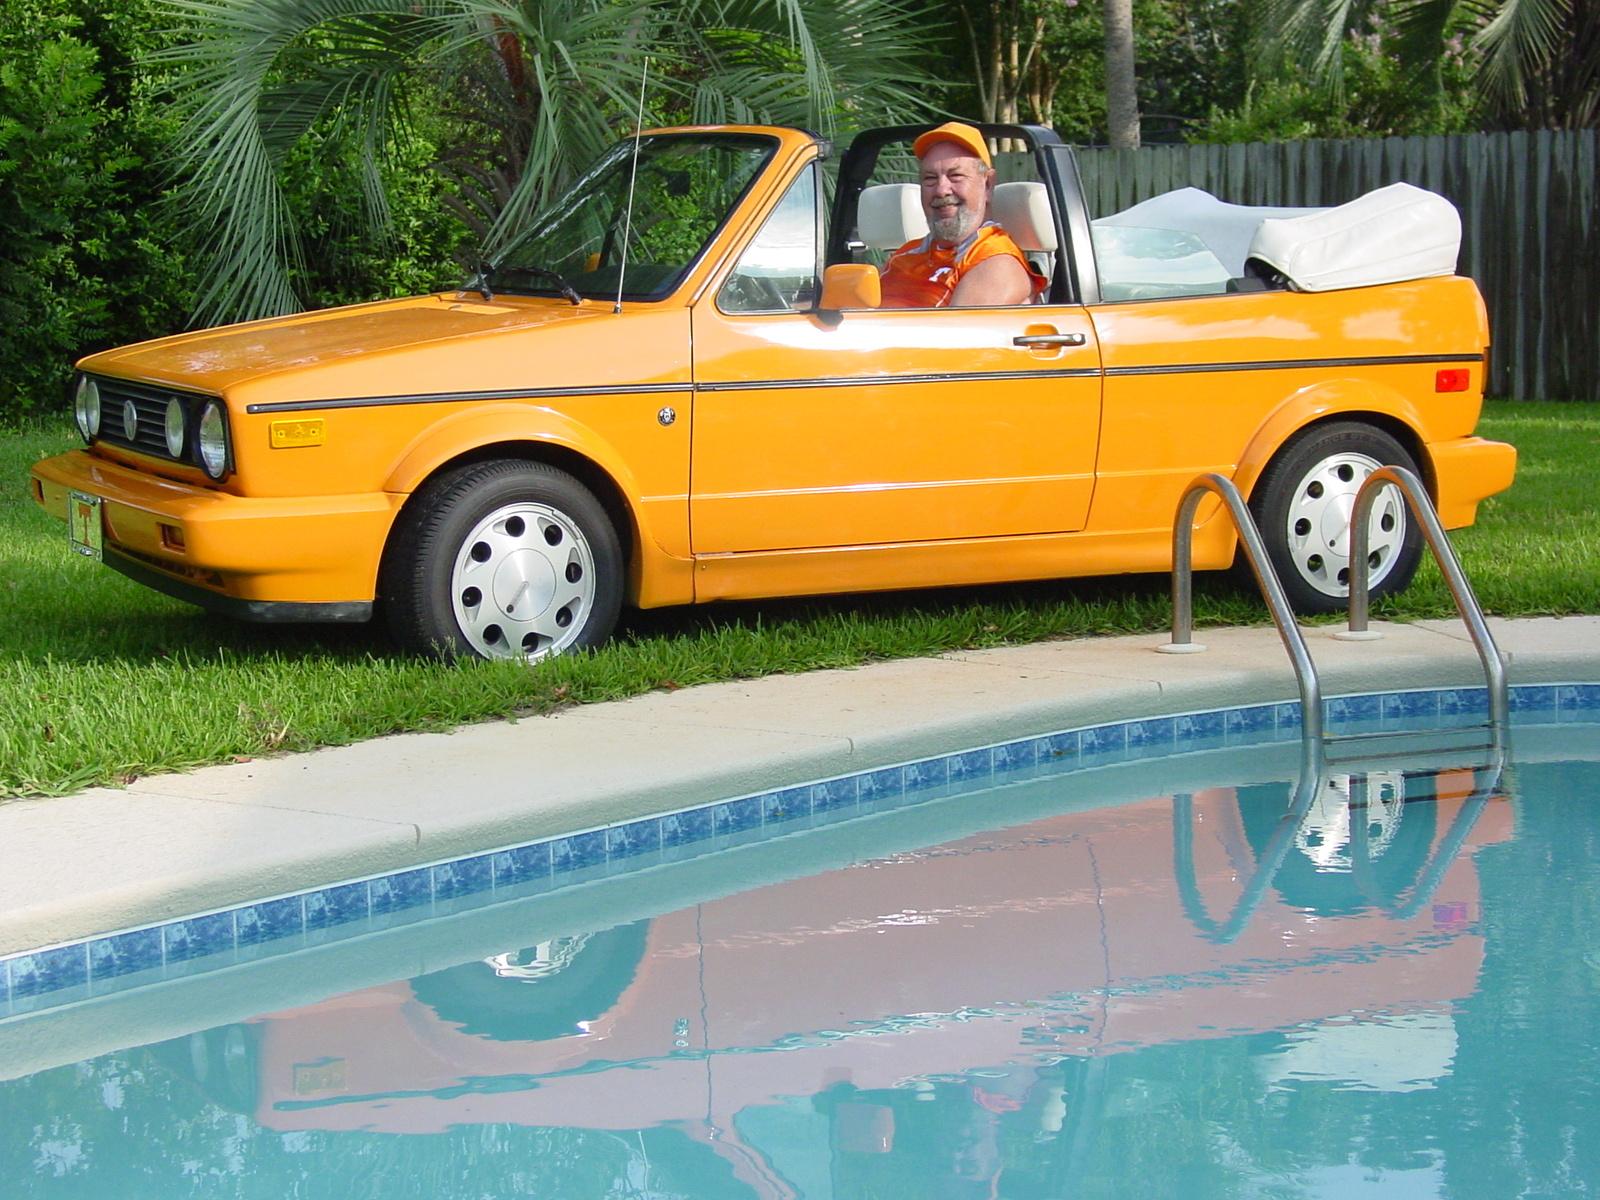 Wallpaper 1b moreover 2006 Vw Phaeton For Sale additionally 2004 Chevrolet Corvette Z06 additionally 30688 also 6501 1992 Volkswagen Cabriolet 1. on 1992 volkswagen rabbit